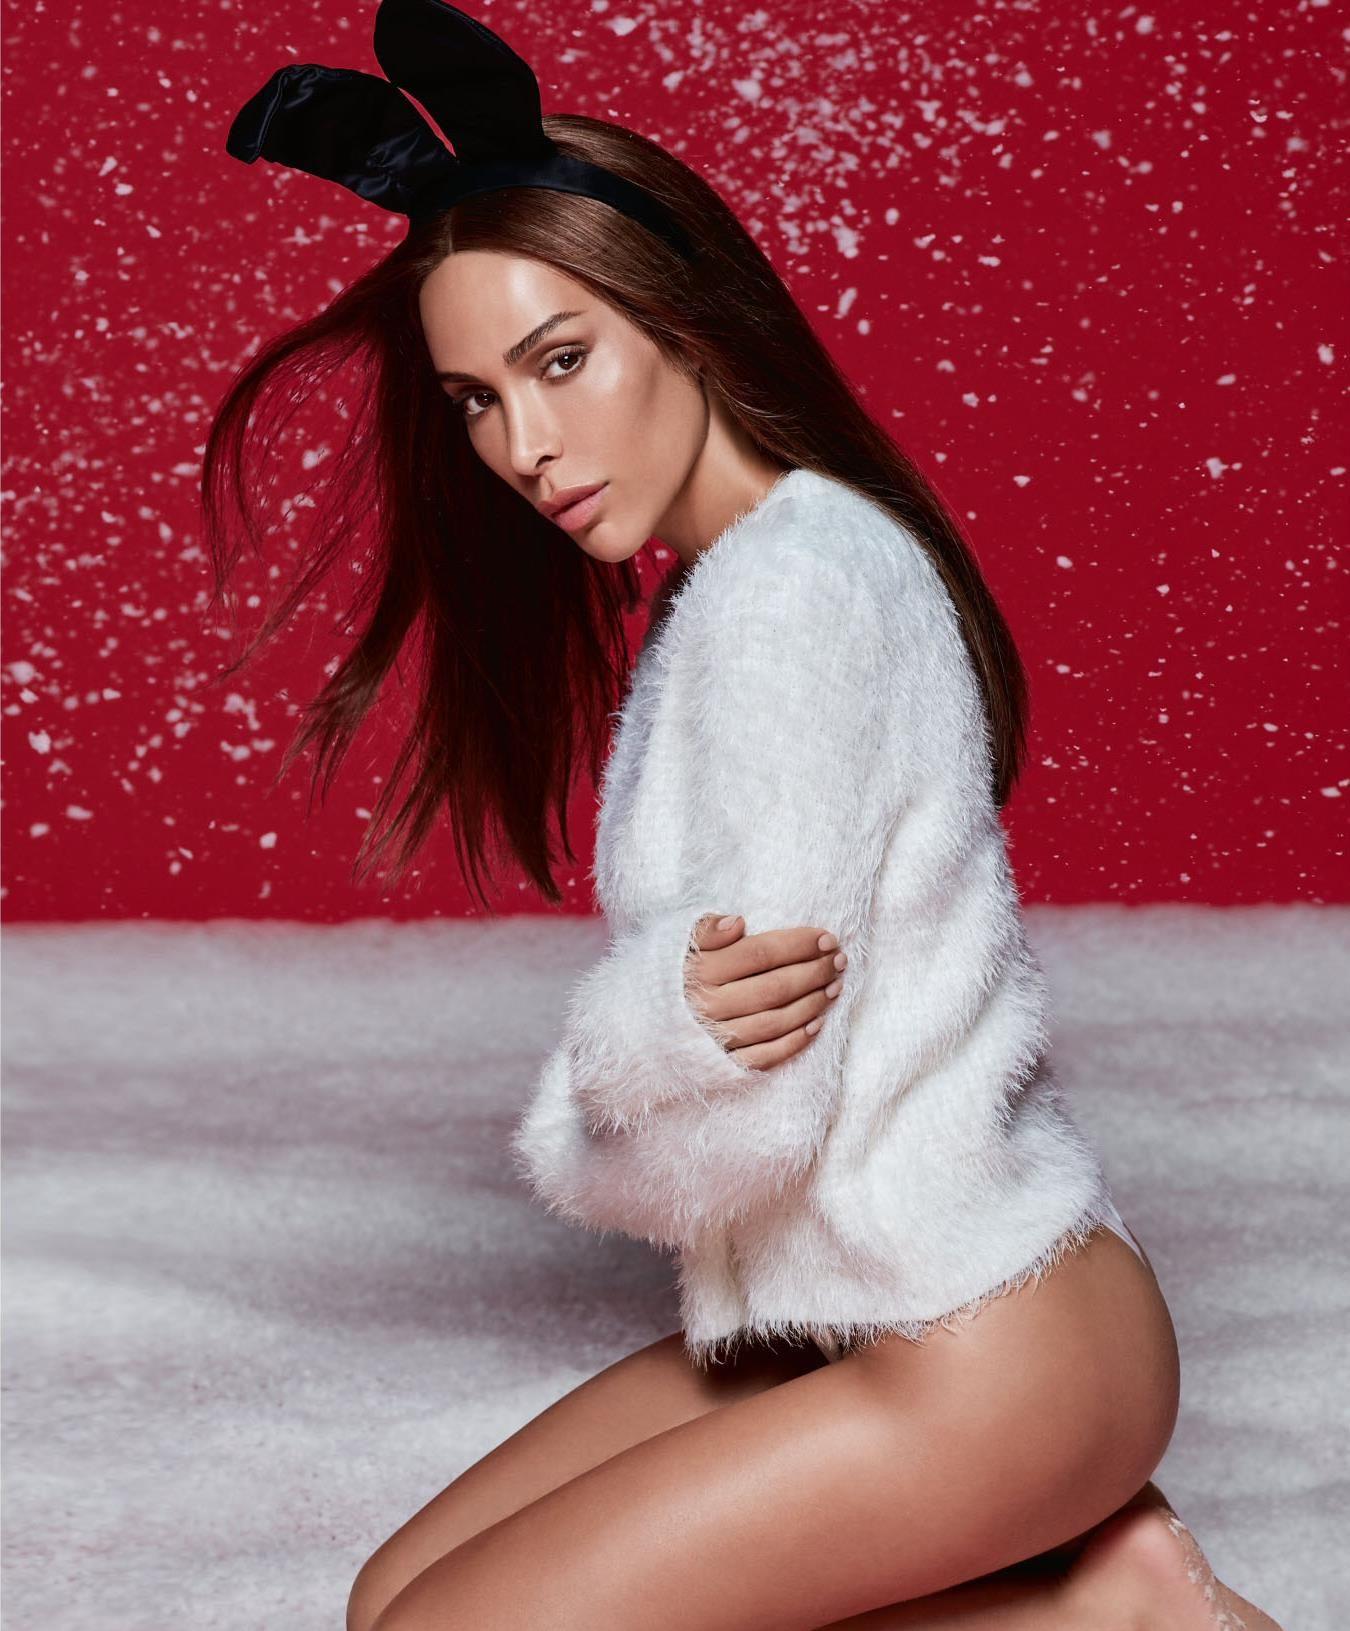 [Image: Ines-Rau-transgender-Playboy_1.jpg]